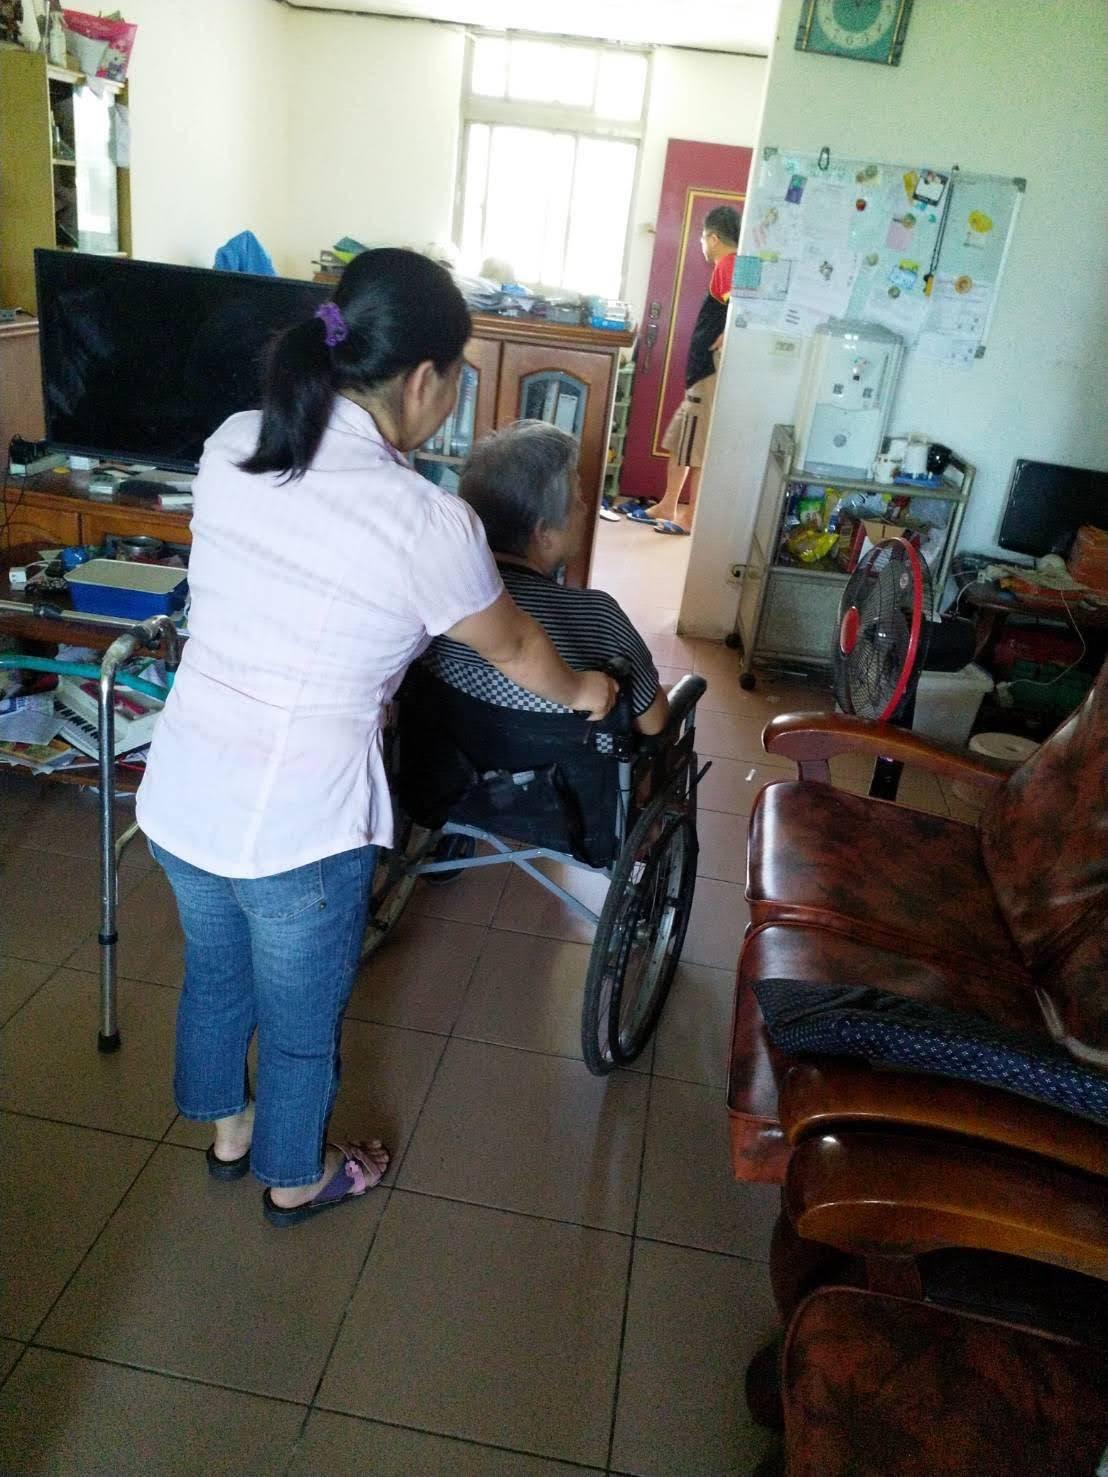 新住民感受客家庄溫暖人情,成為照顧我們爸媽的好幫手